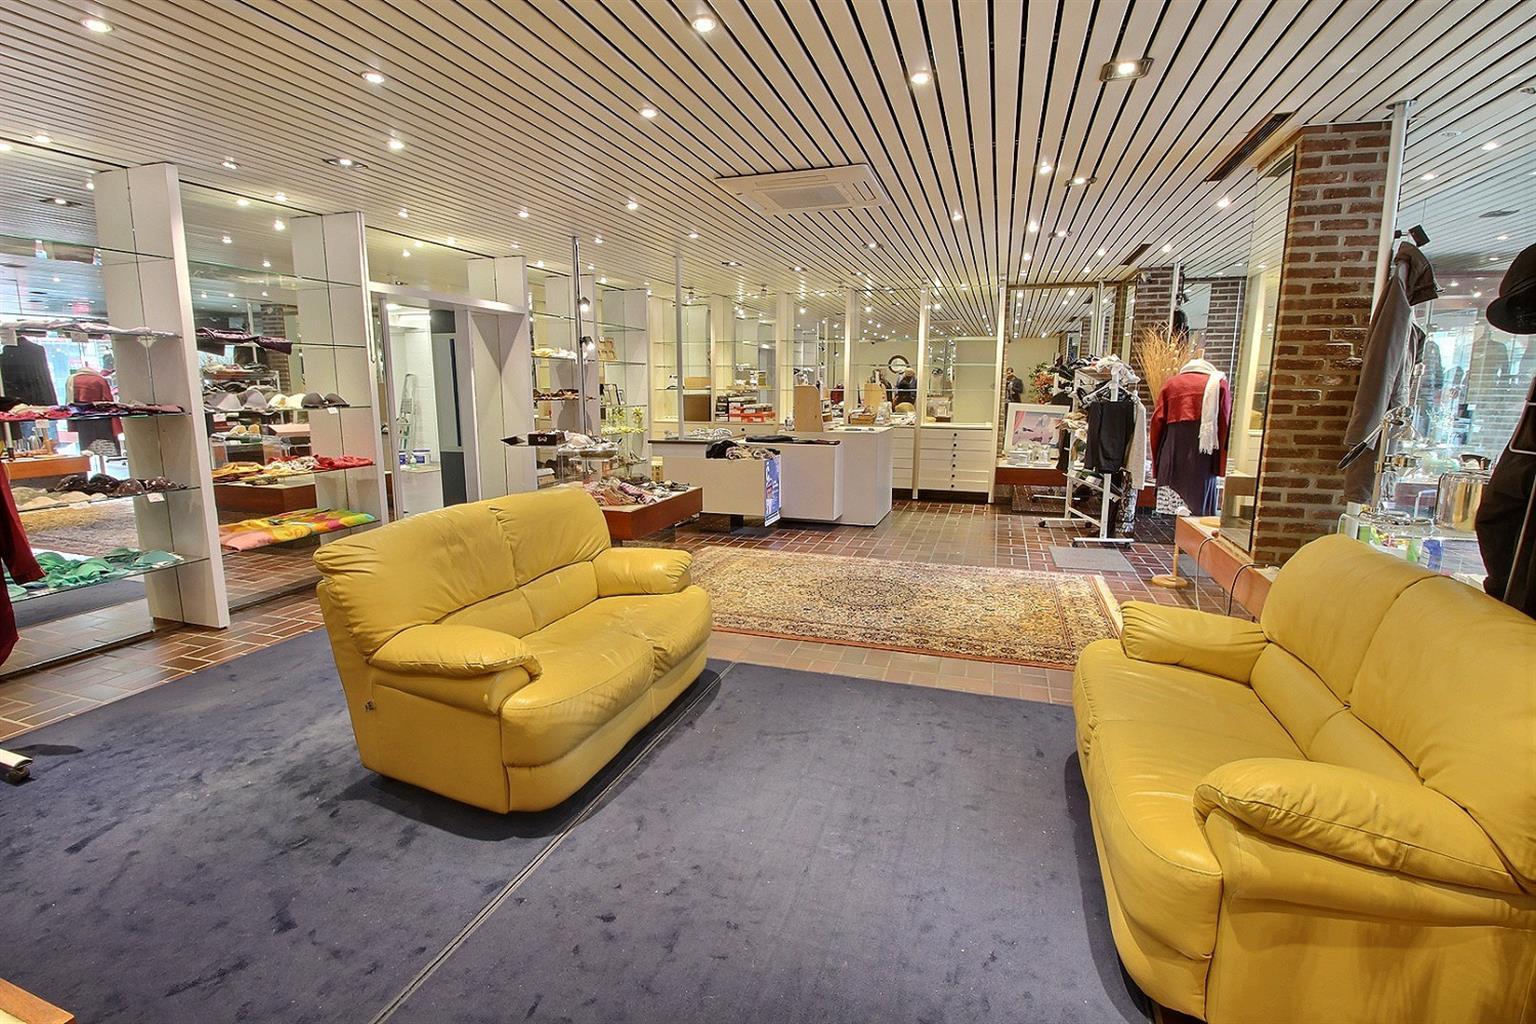 Vente Magasin de vêtements / chaussures de 200m² dans le centre de Gosselies à Charleroi en Belgique